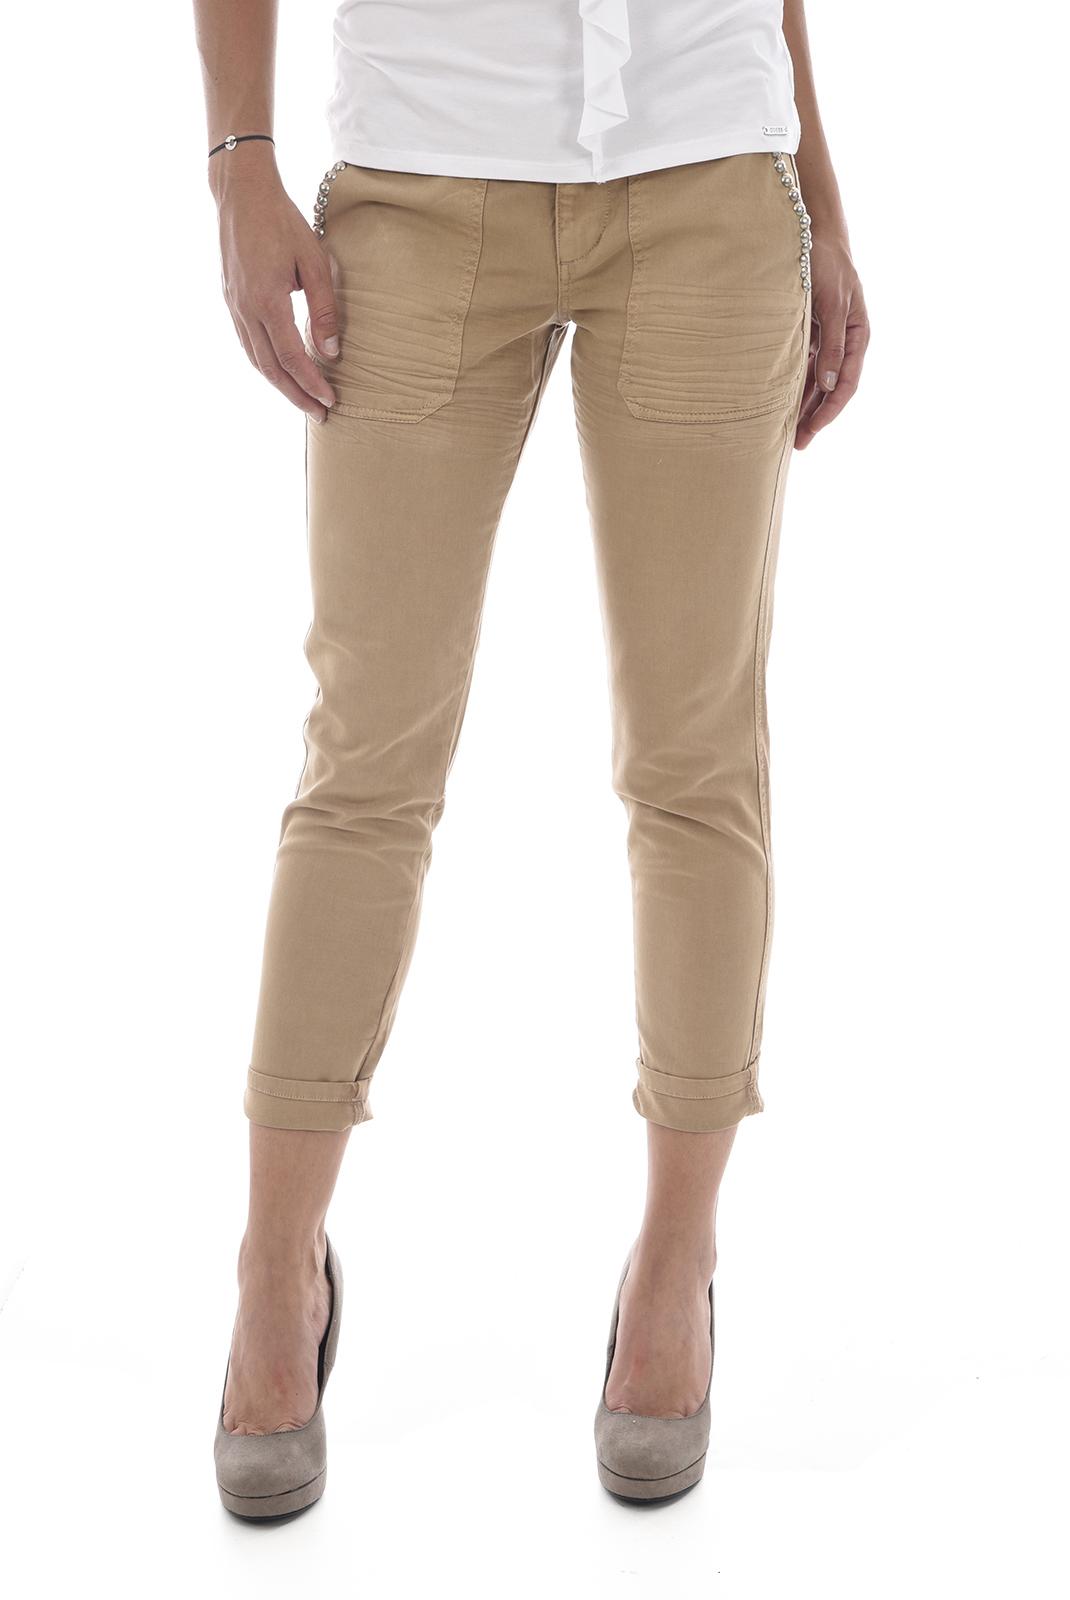 Pantalons  Guess jeans W72B47 W5DXE B172 EGYPTIAN SAND